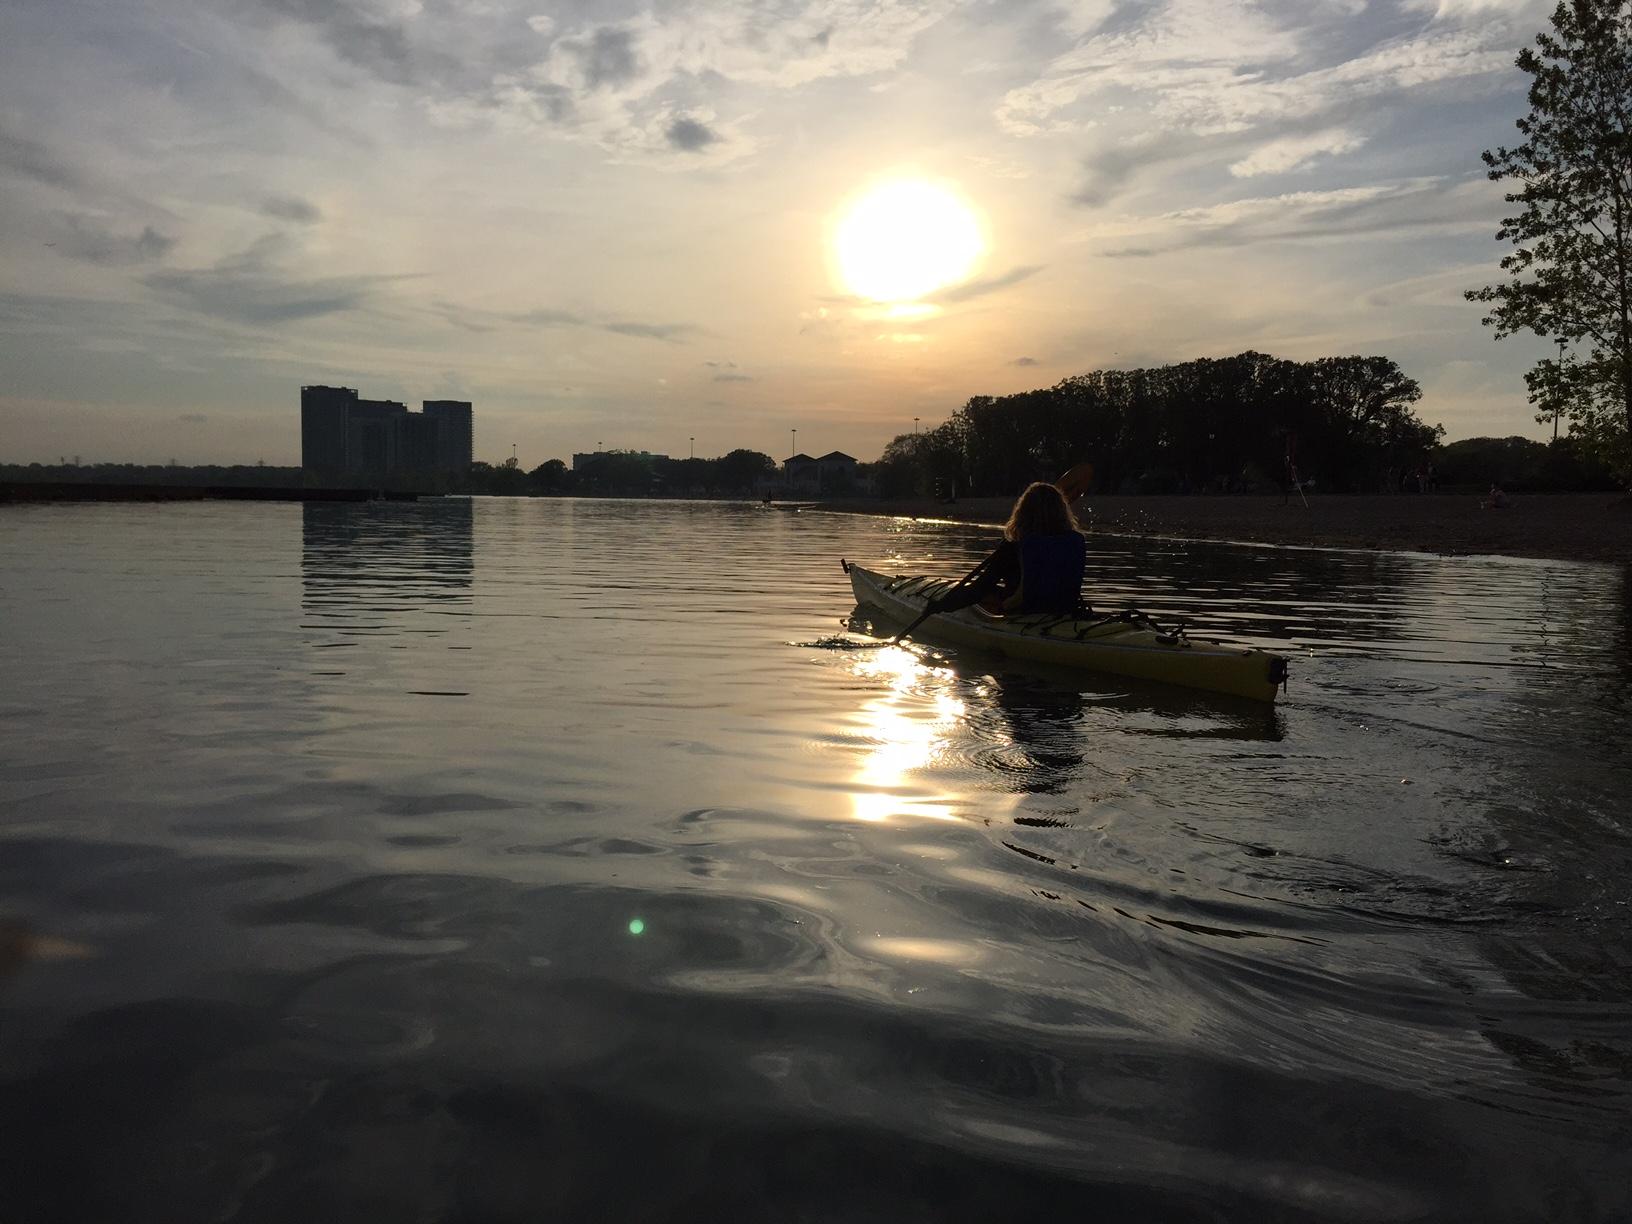 Kayaking on the lakeshore at sunset